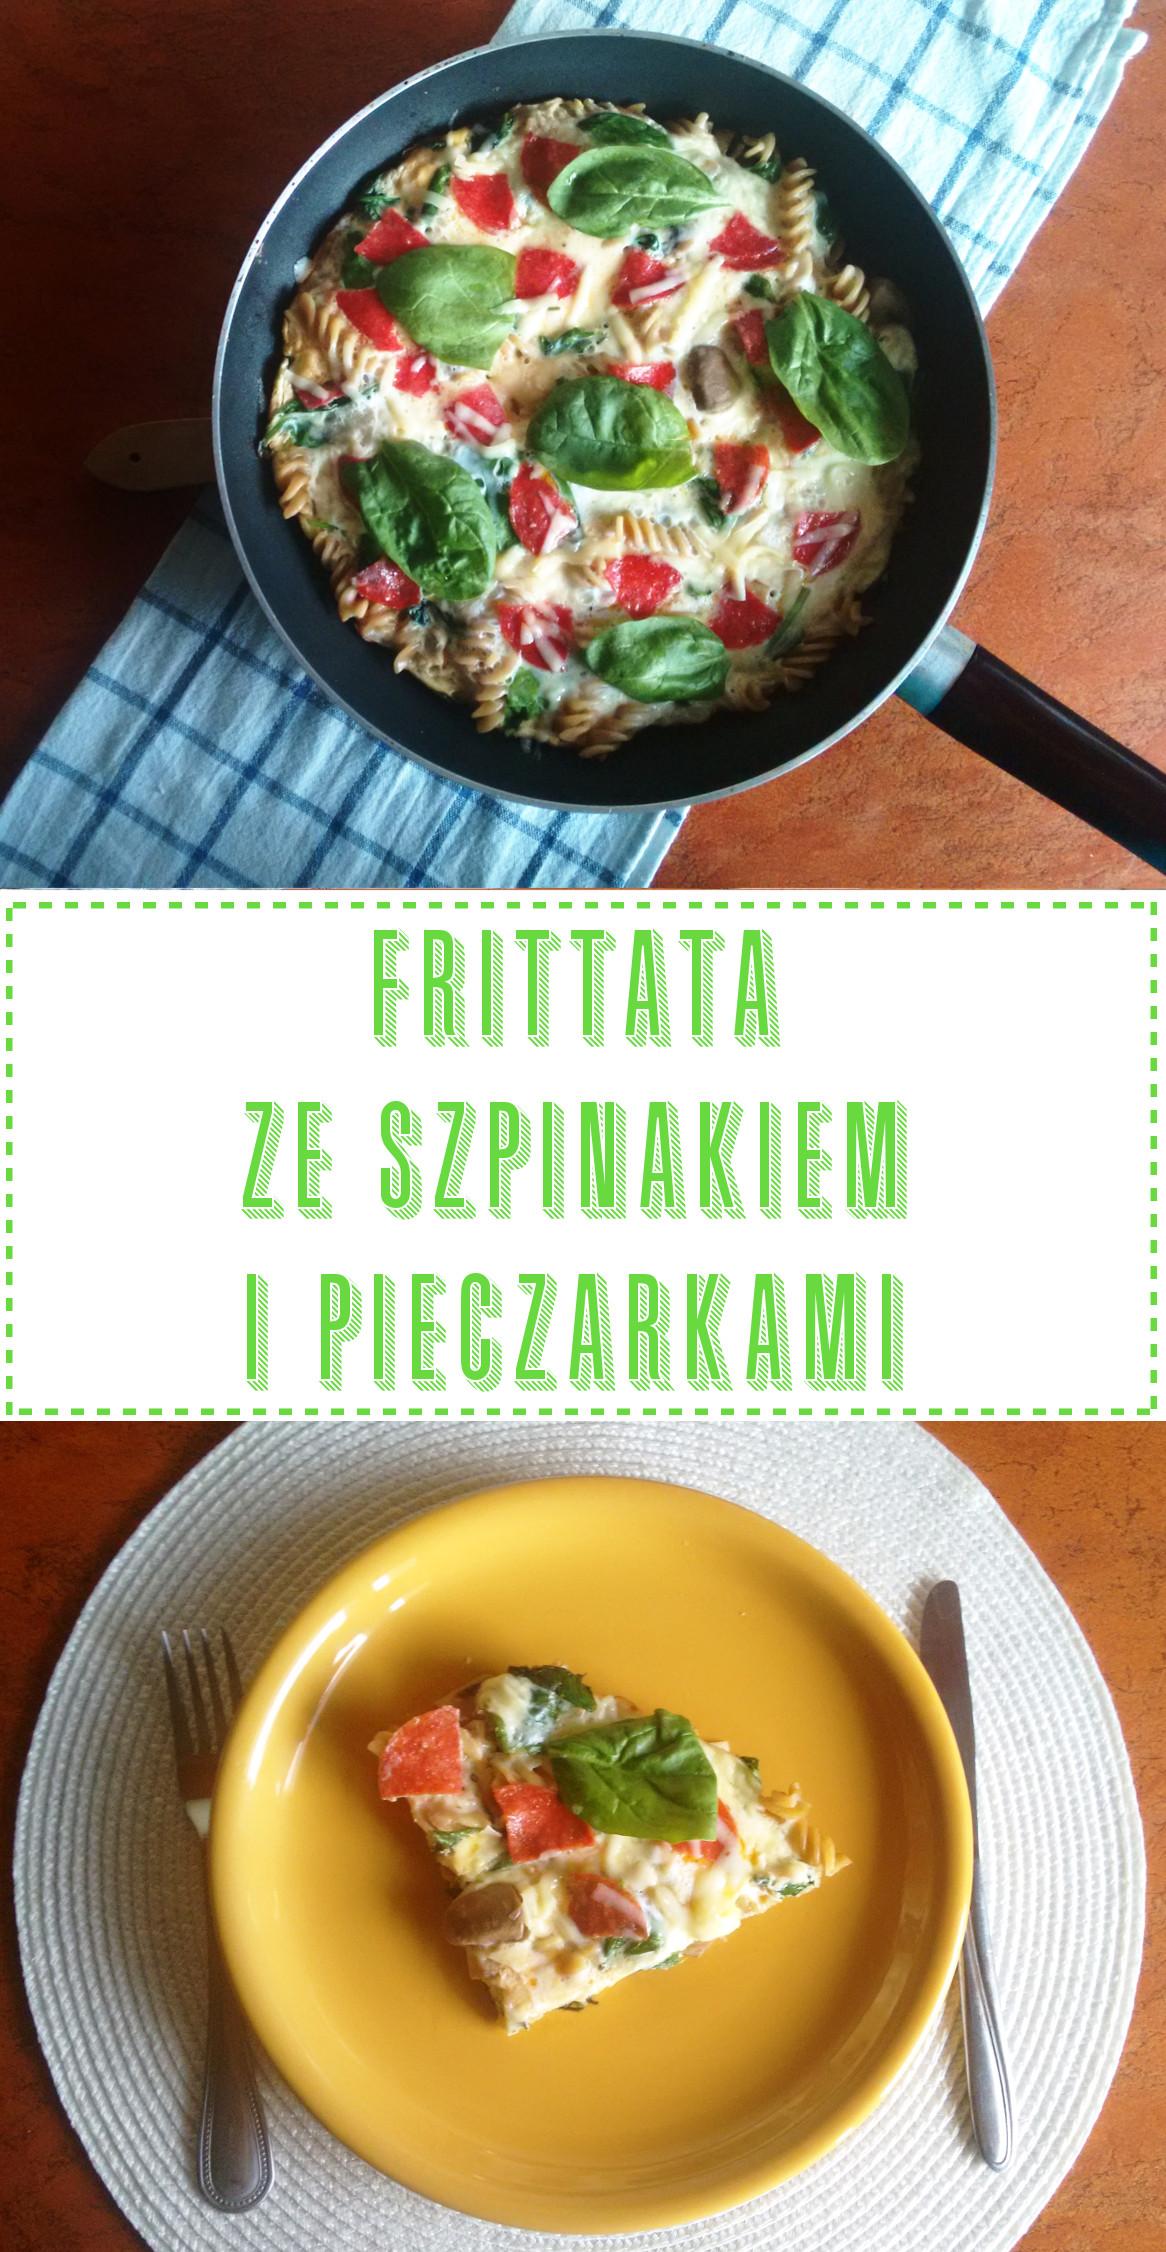 Przepis: Frittata ze szpinakiem, pieczarkami i salami